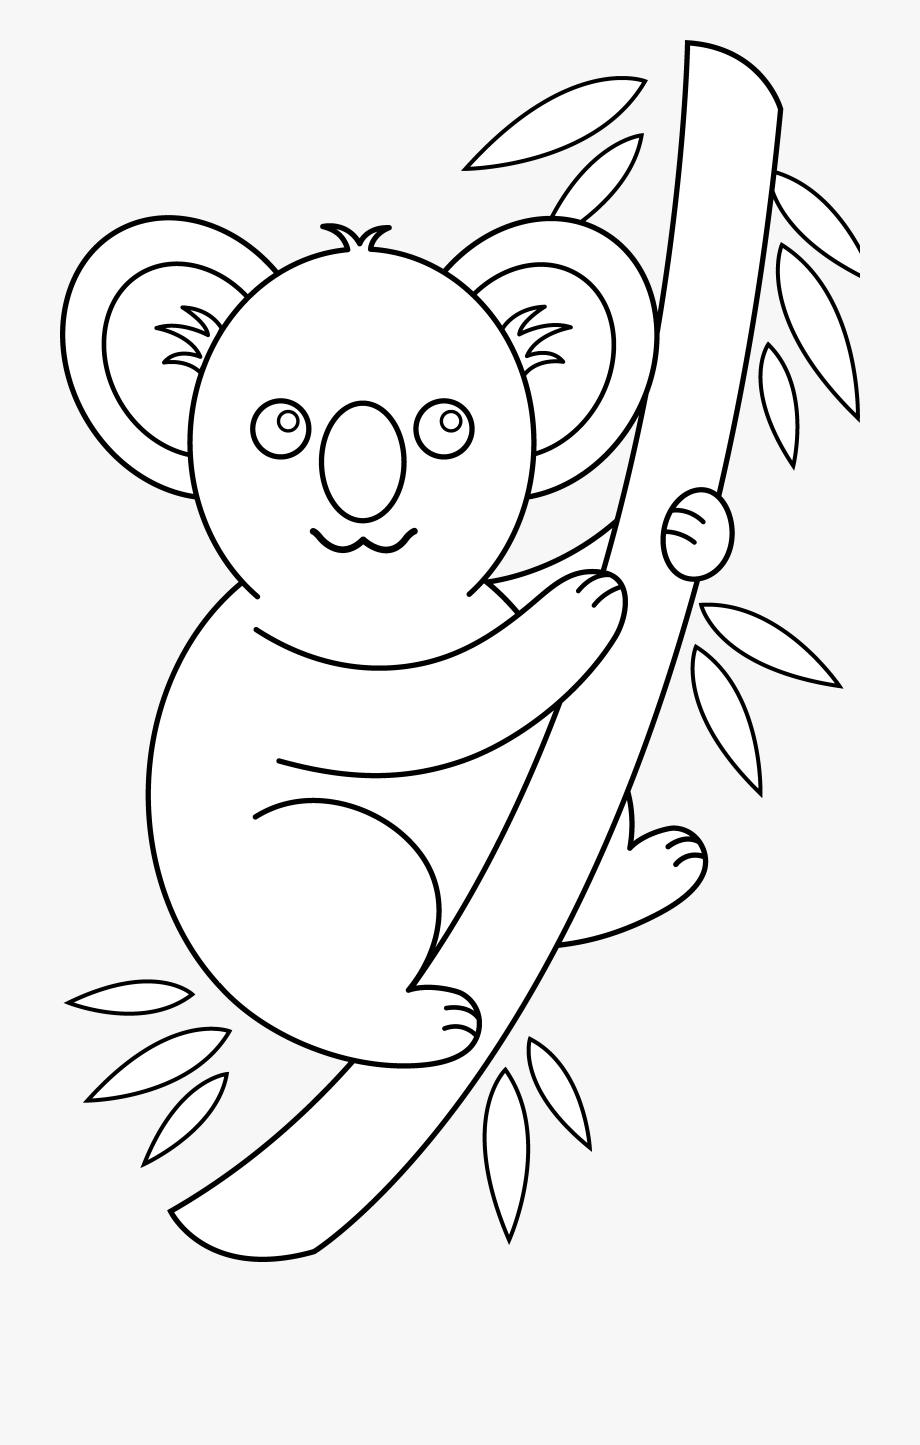 Outline face black and. Koala clipart easy